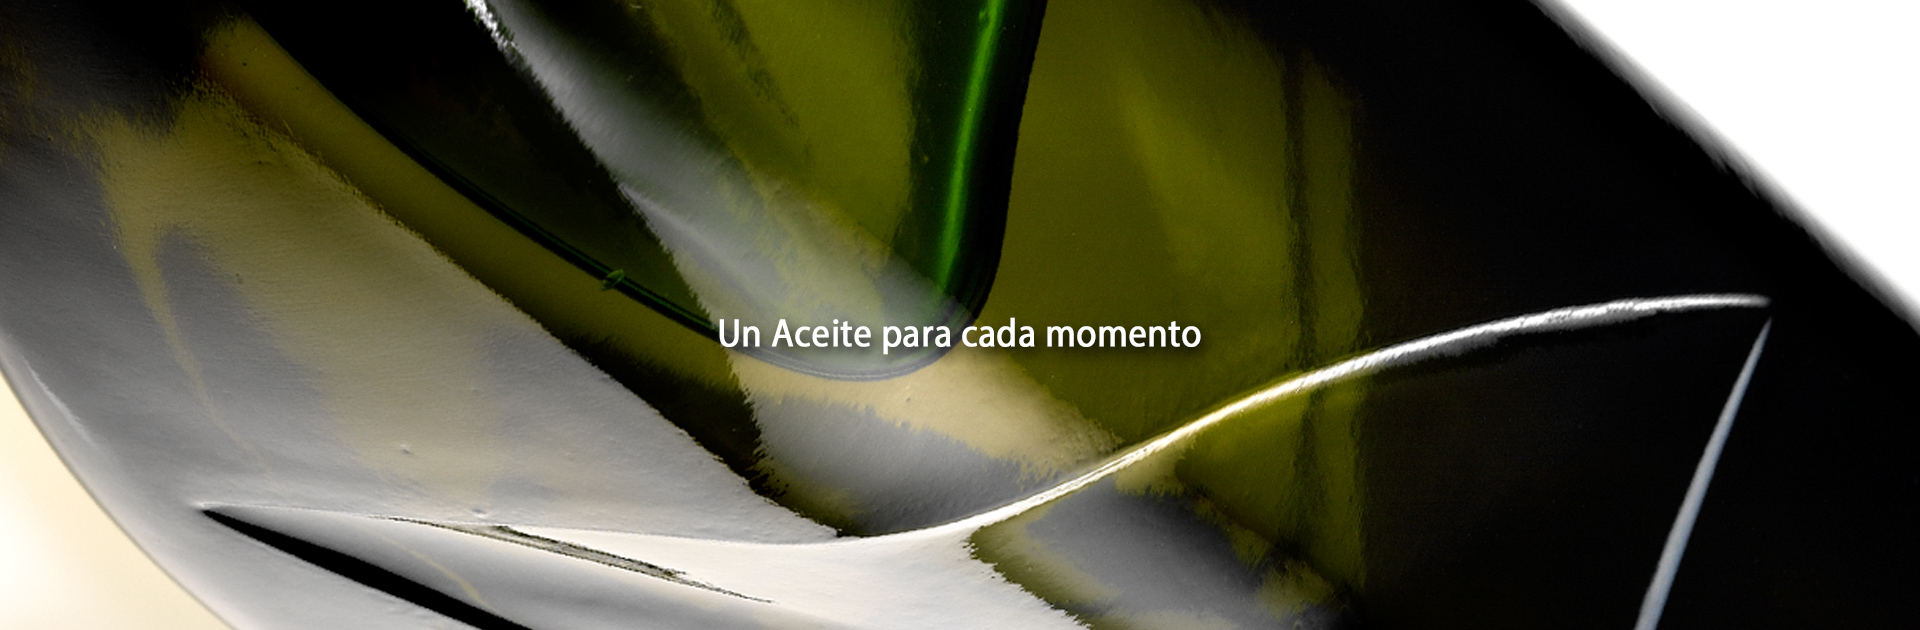 banner_inicio_esp_1920x630px